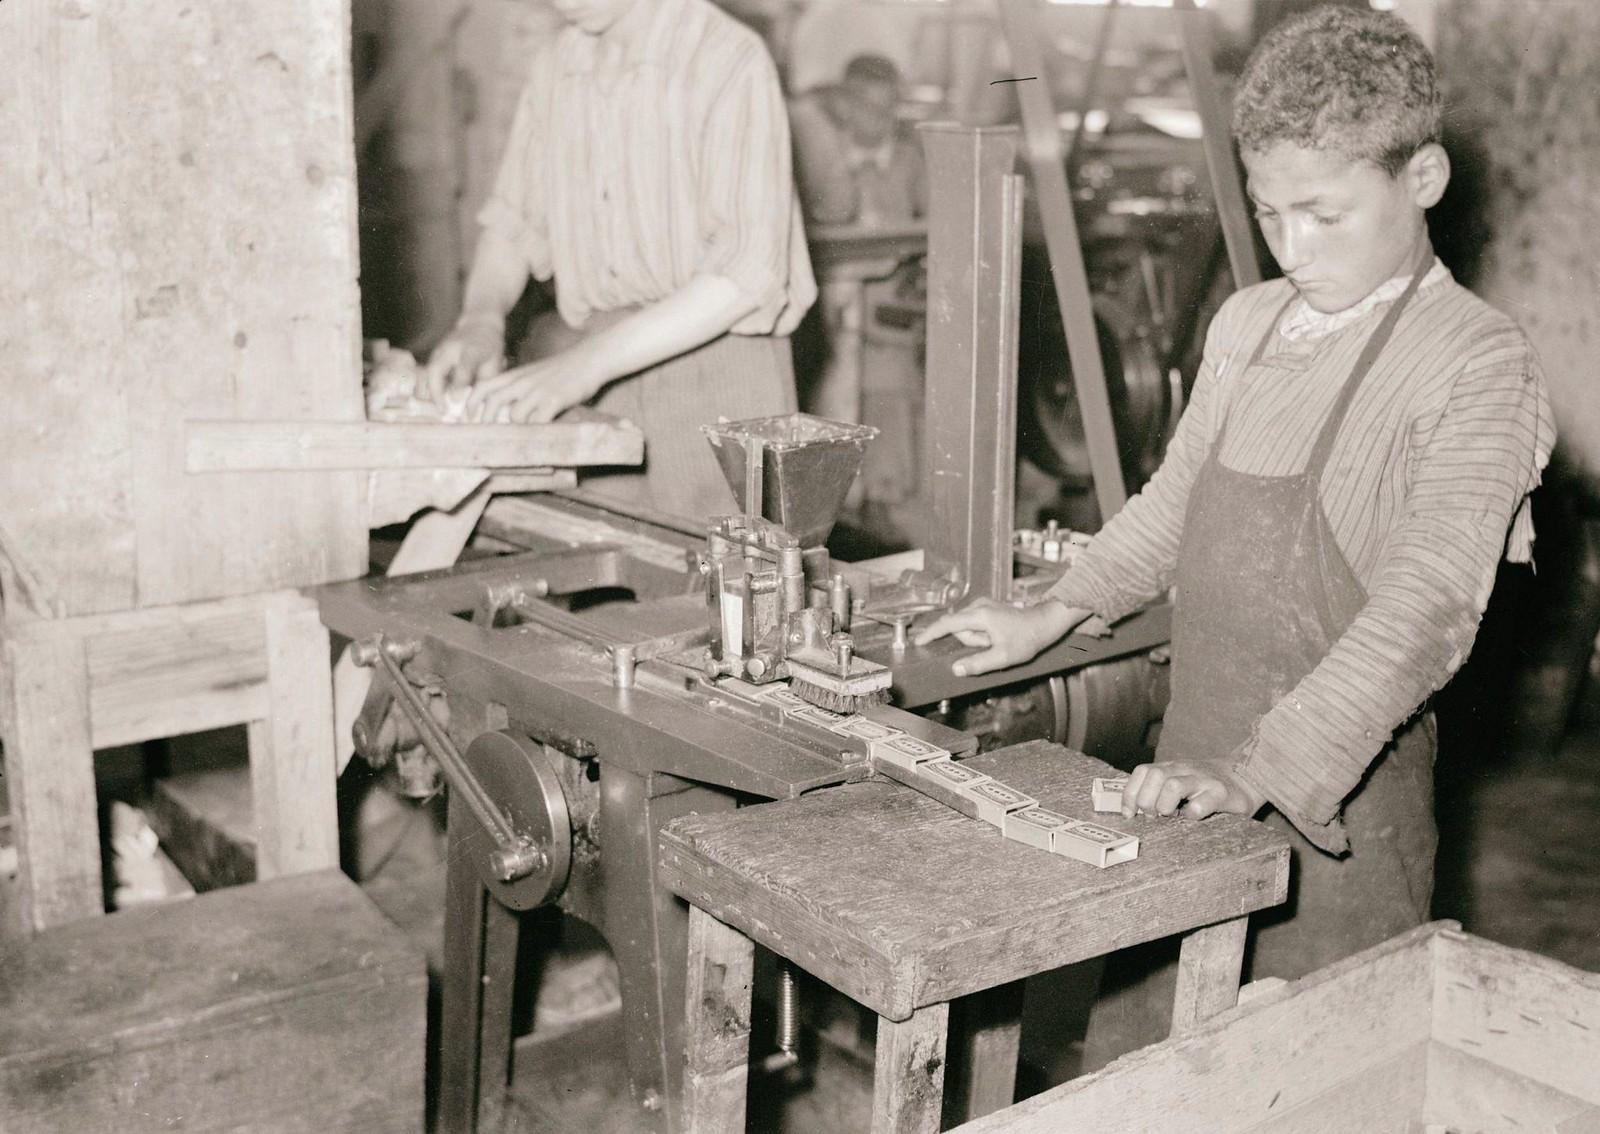 09. 1940. Шхем. Спичечная фабрика. Машинная маркировка спичечных коробок